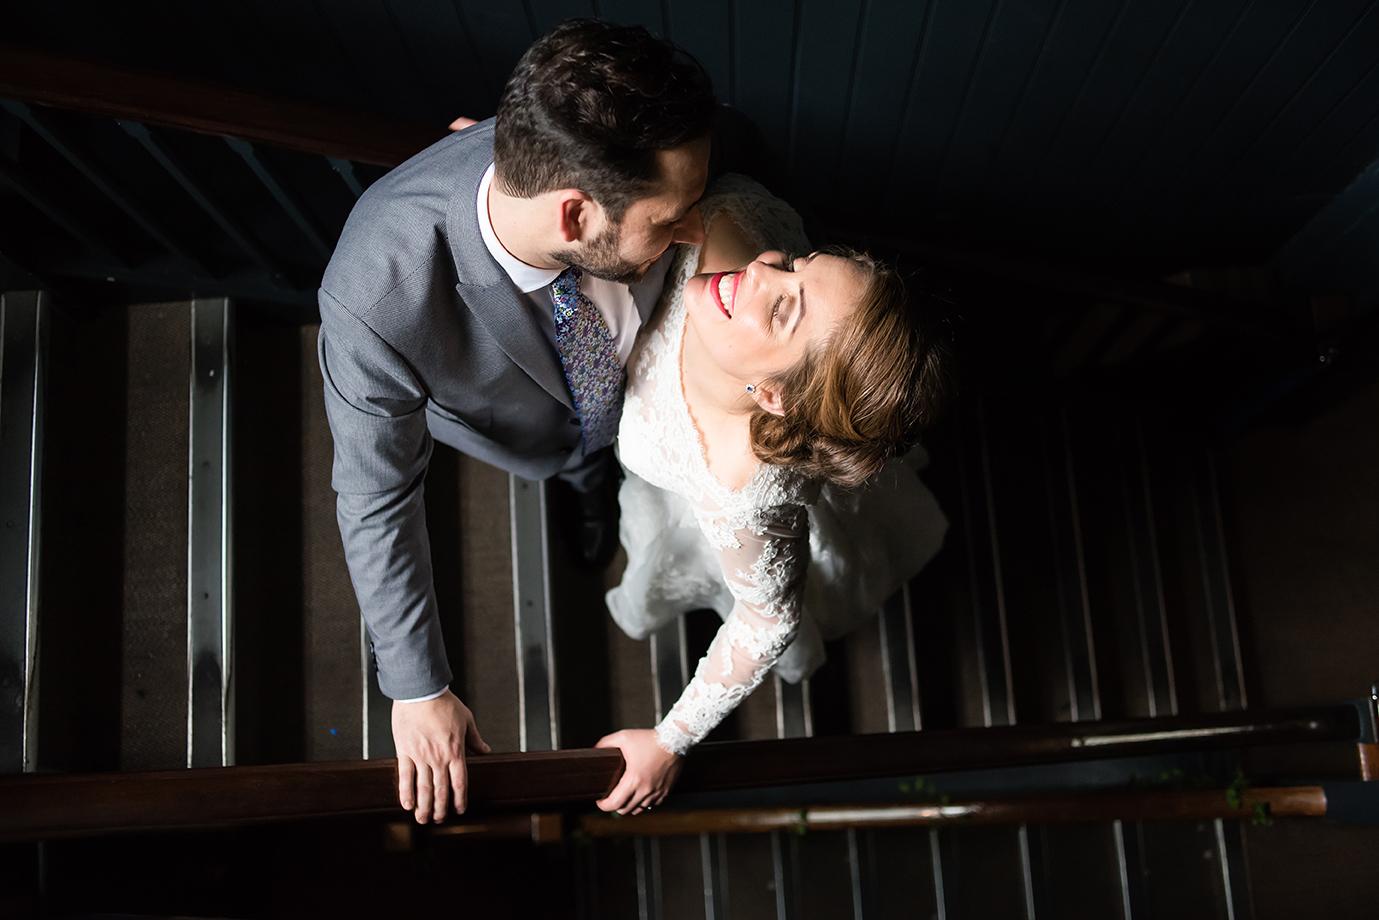 South London Wedding Photographer - couple portrait session